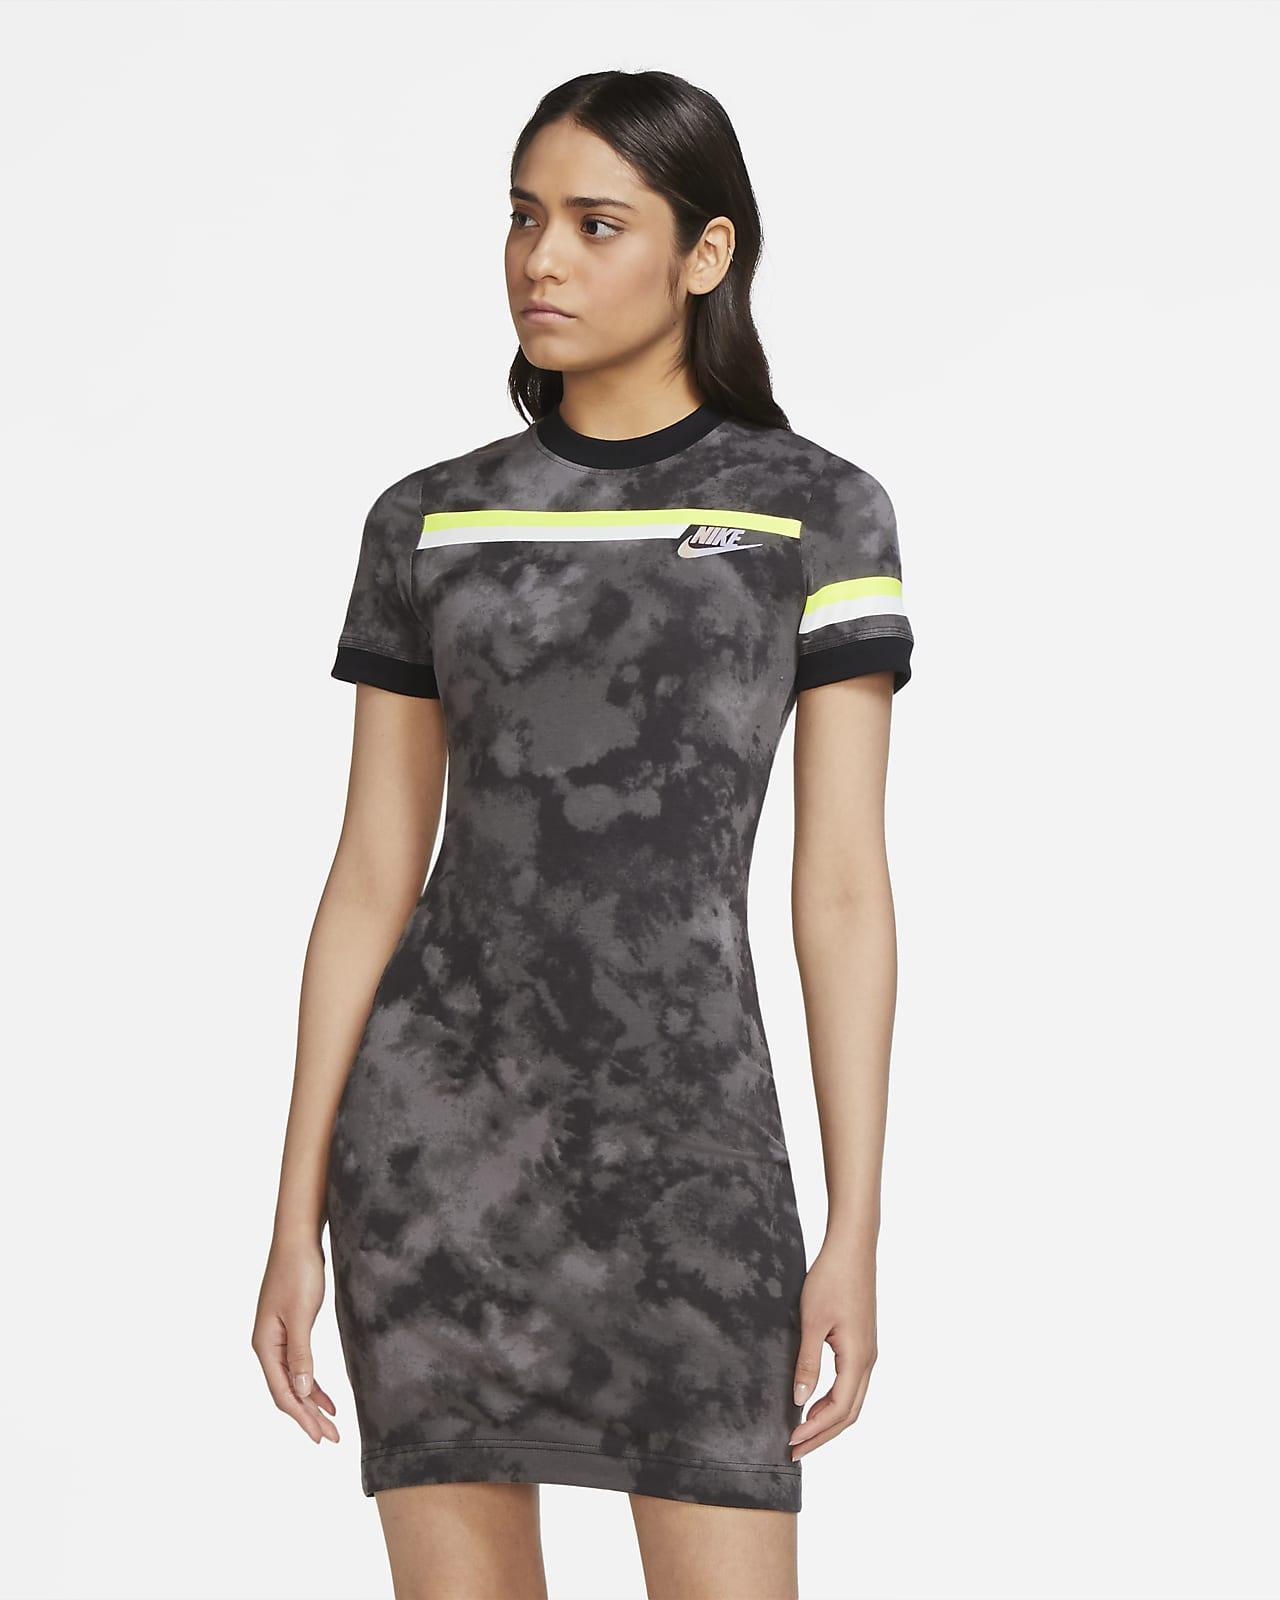 Nike Sportswear Essential Women's Short-Sleeve Knit Dress